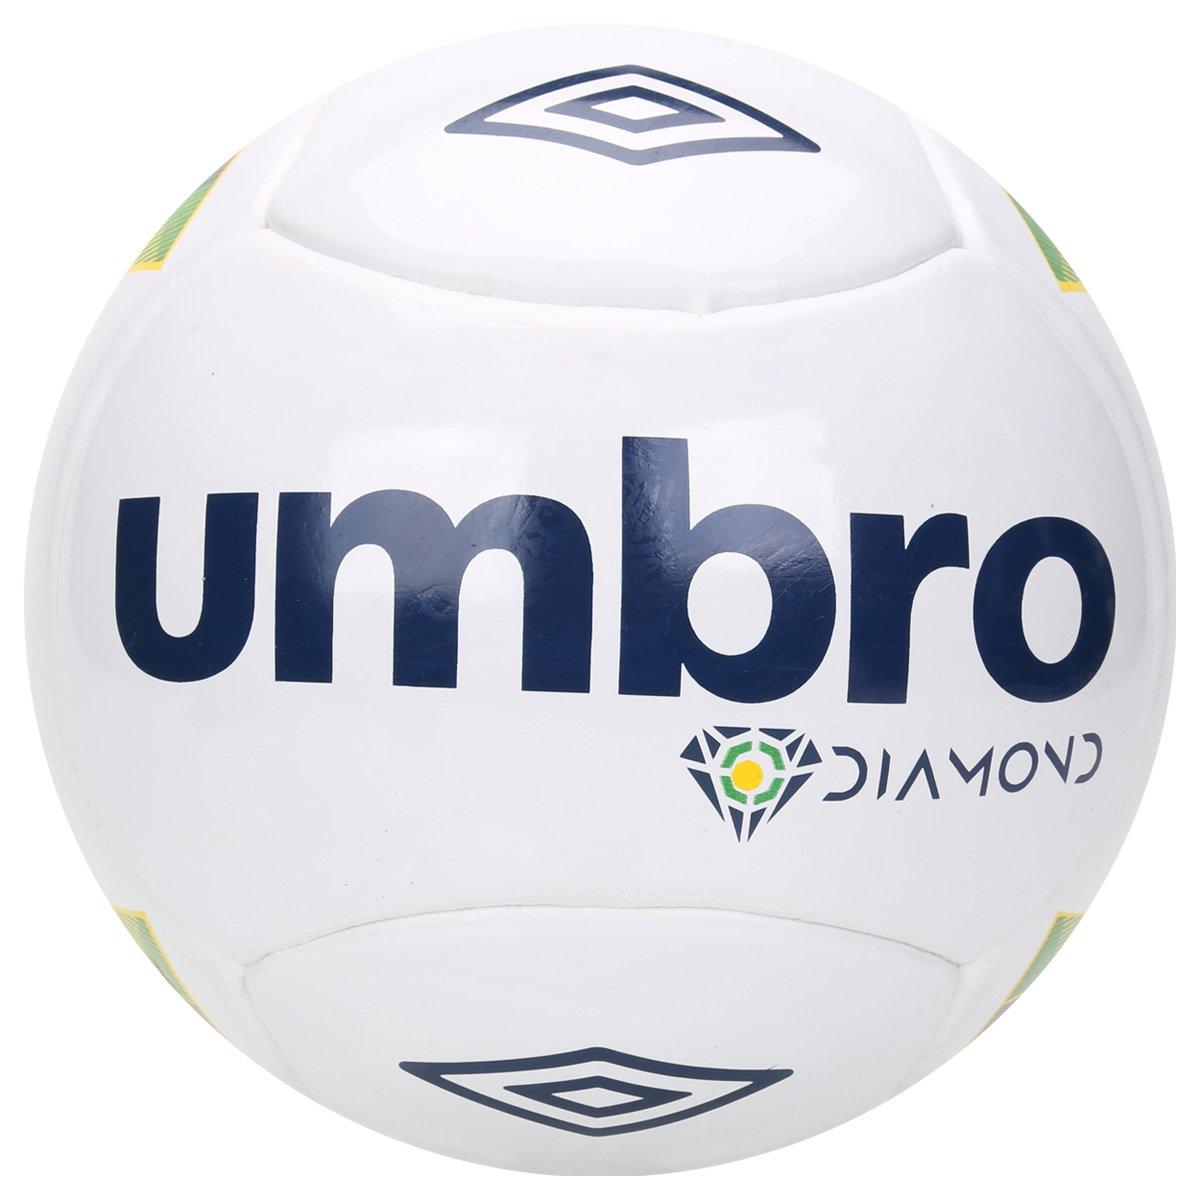 6e3f19e2db595 Bola Futebol Umbro Diamond Futsal - Compre Agora